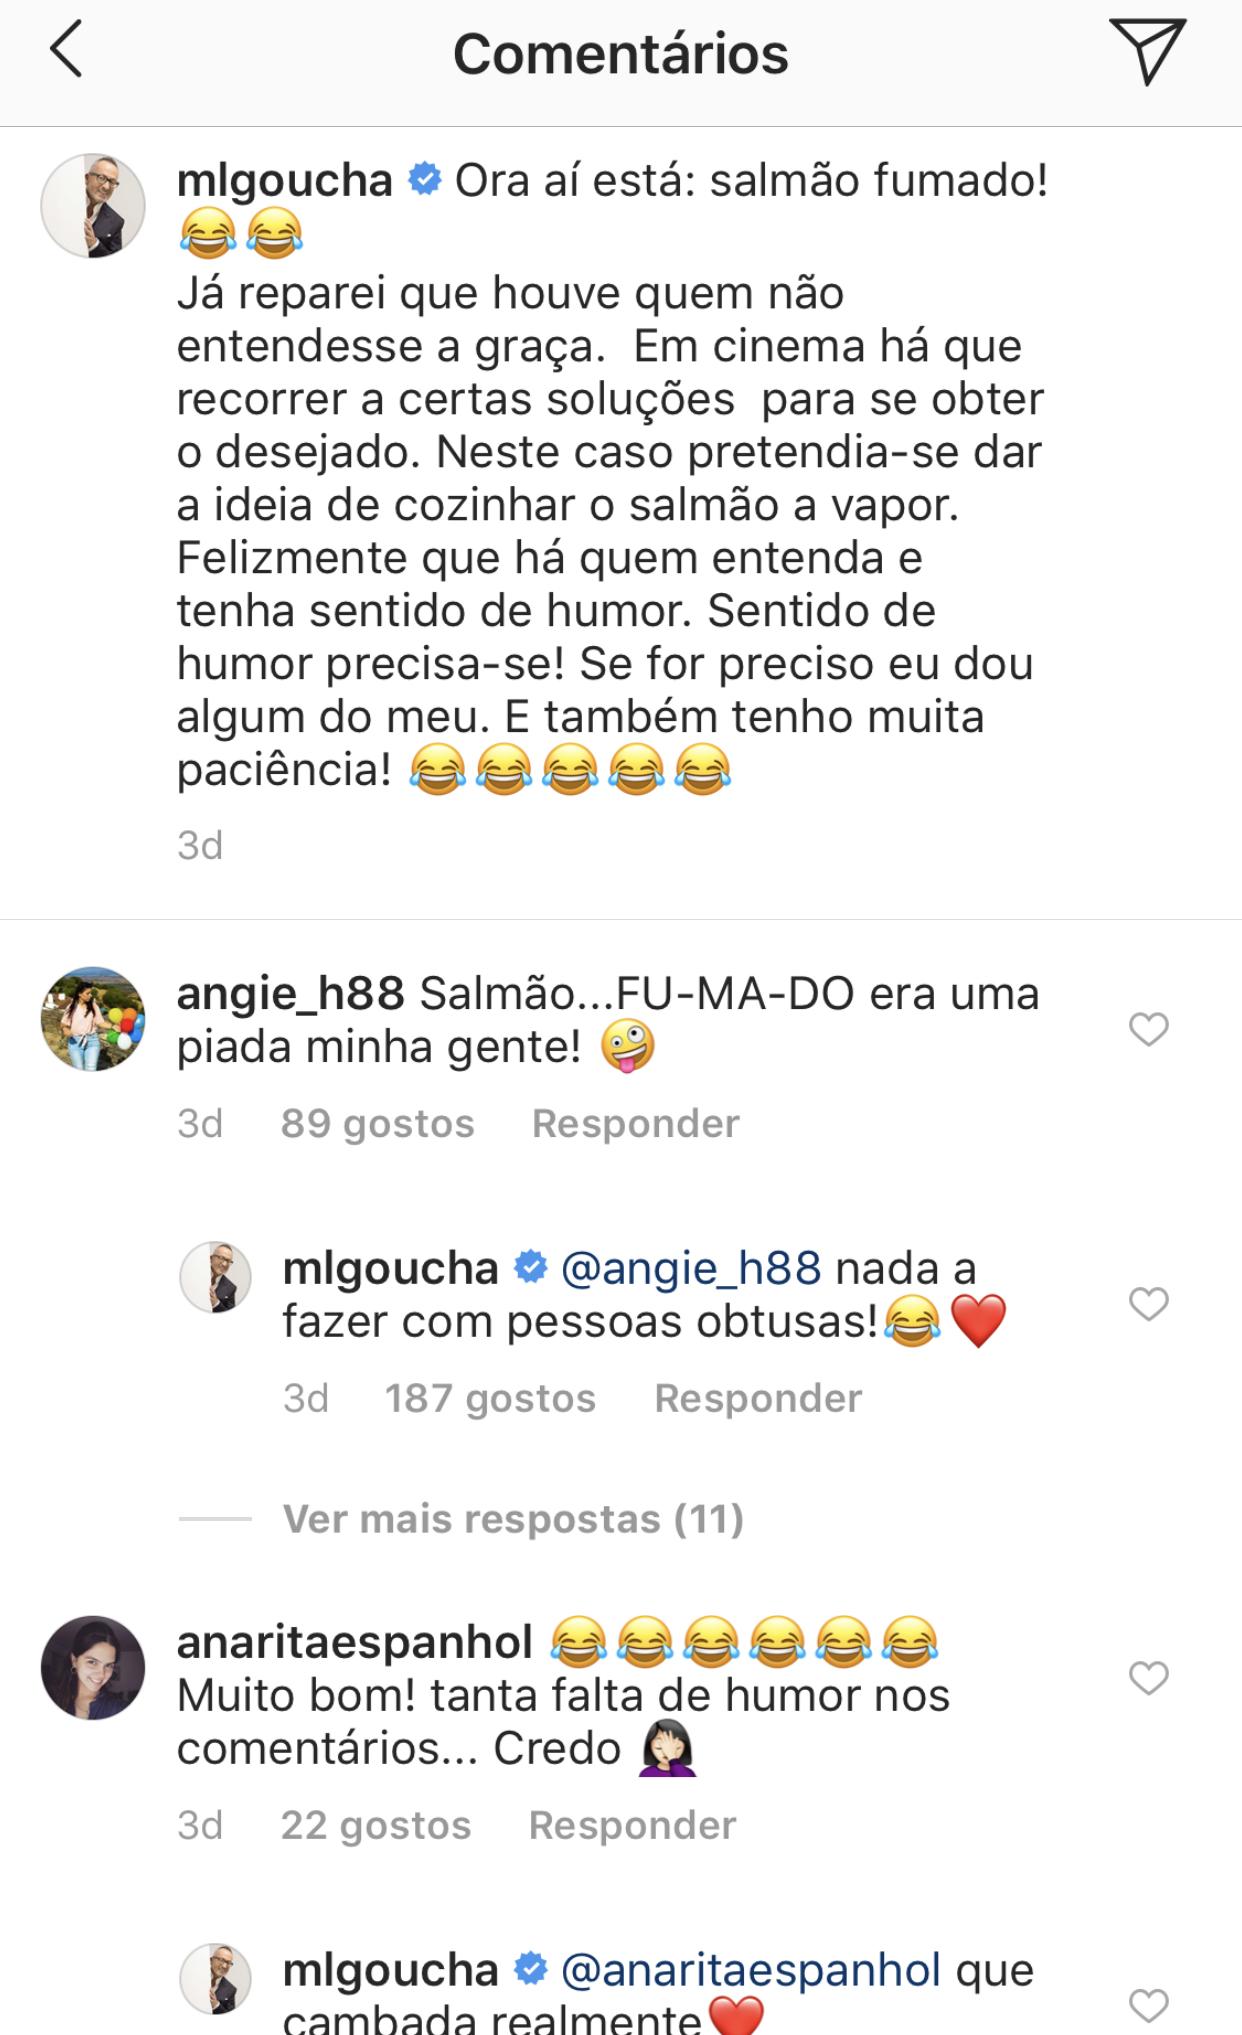 Manuel Luis Goucha Responde A Fa Goucha Responde A Fãs: «Nada A Fazer Com Pessoas Obtusas»